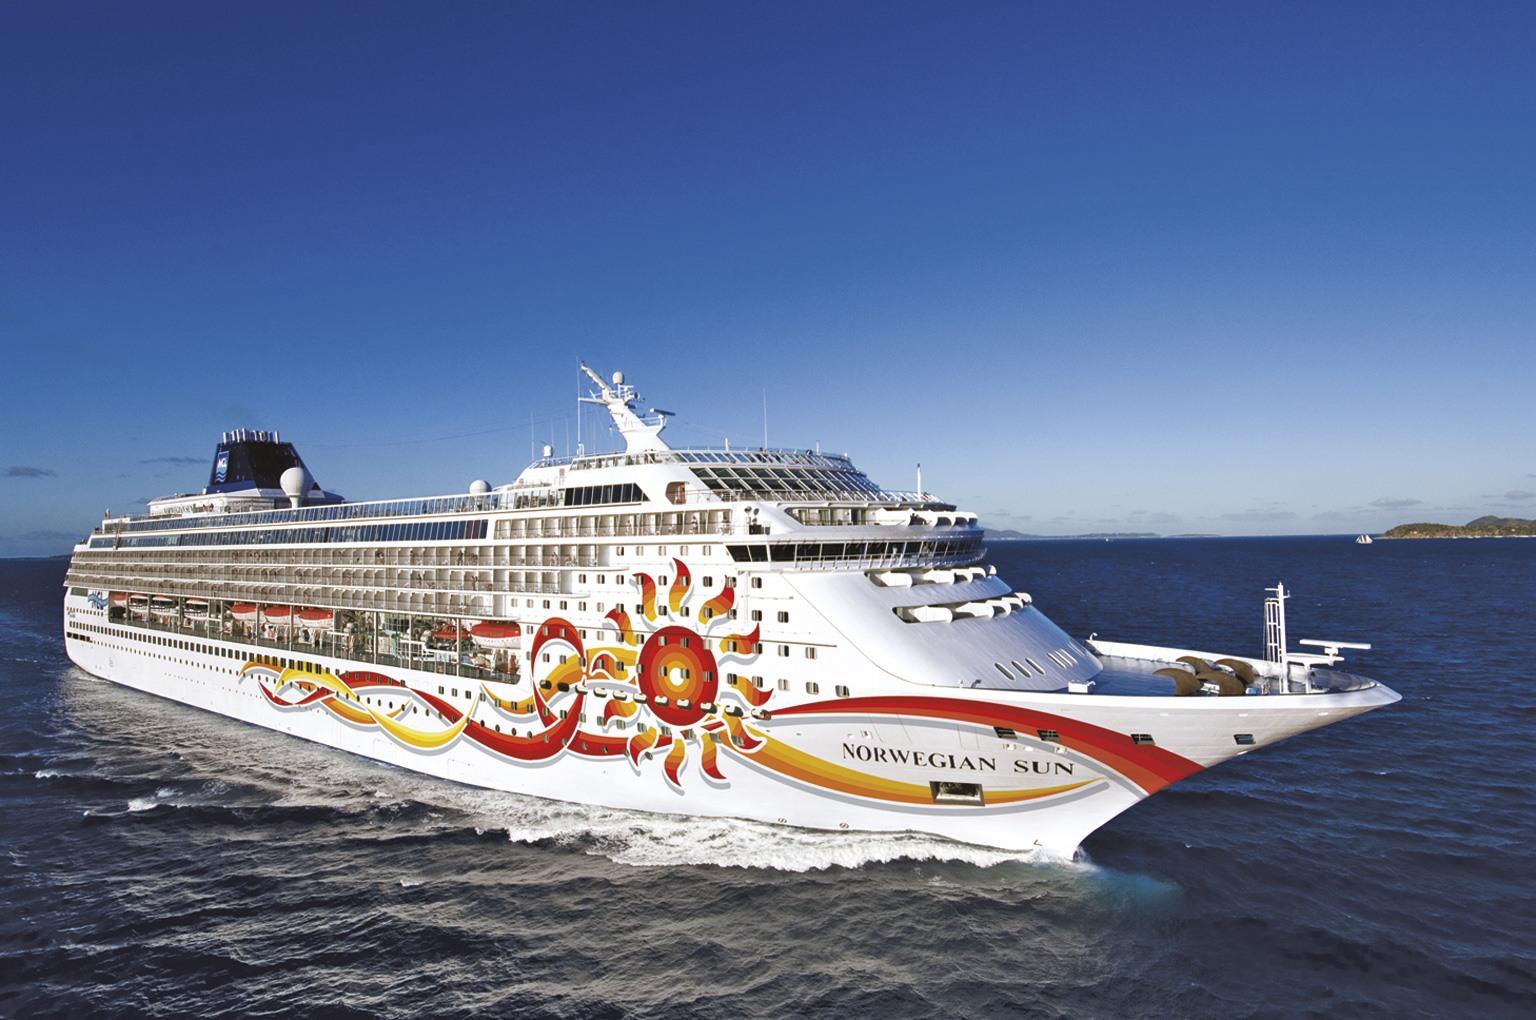 M casino cruise 11